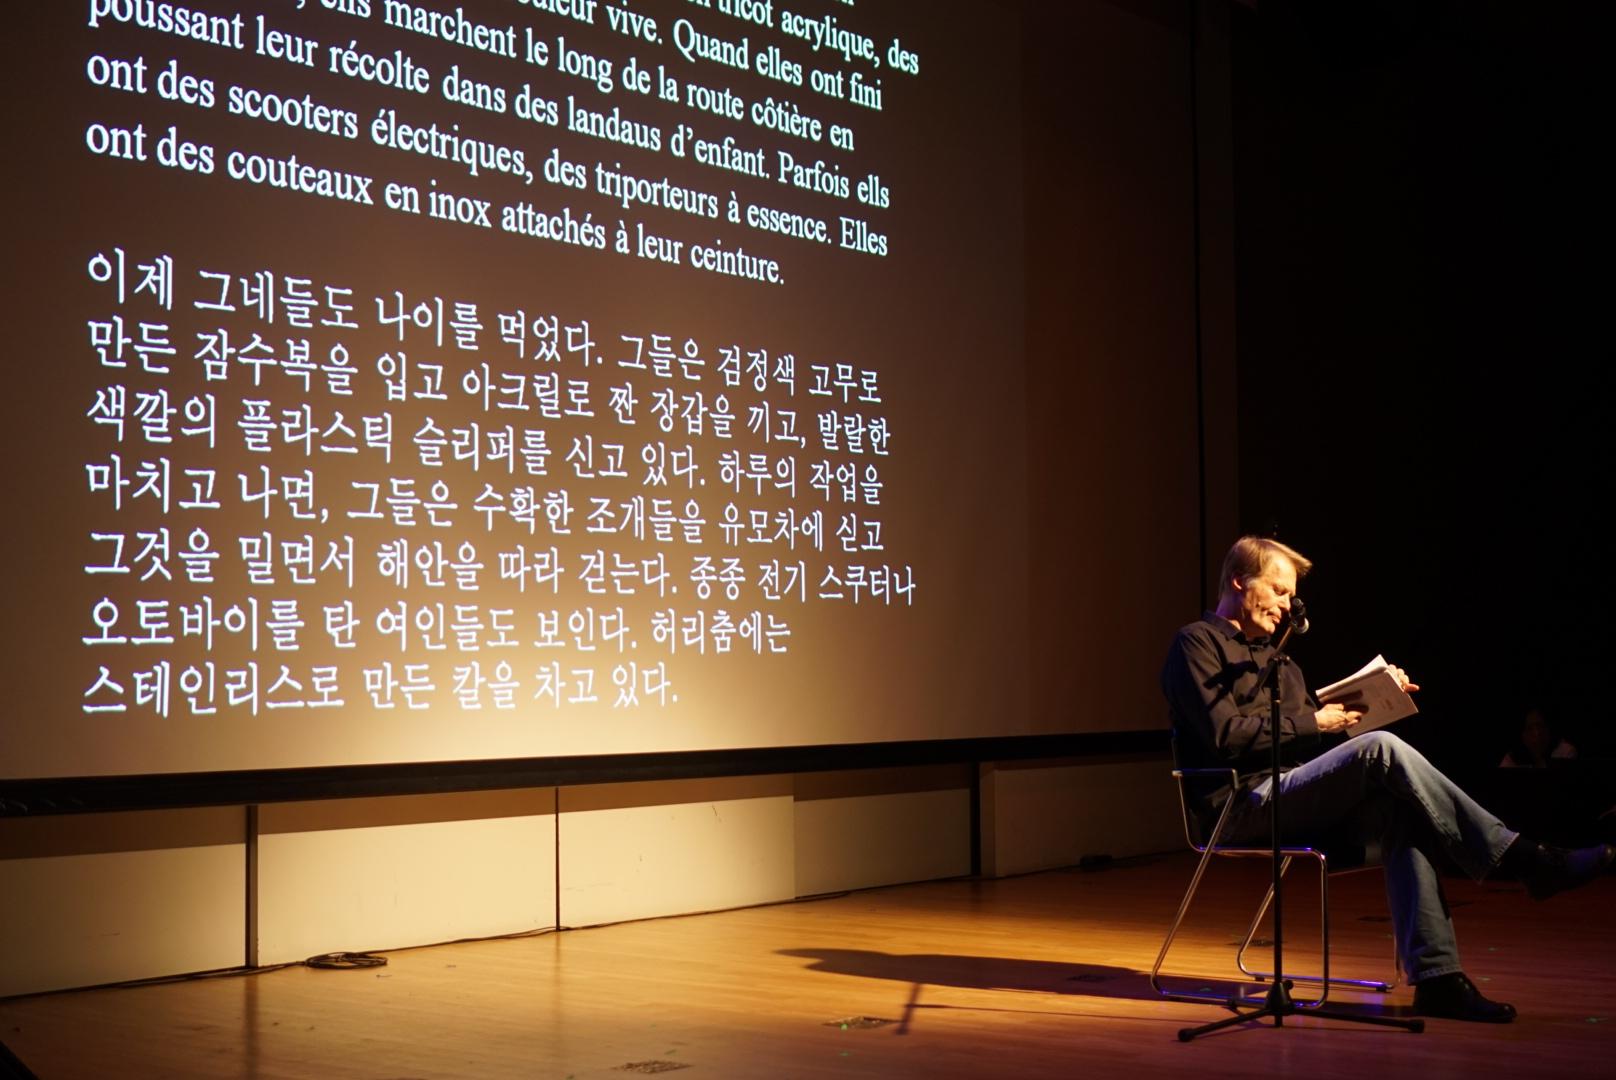 노벨문학상 수상자가 읊조린 한국의 해녀